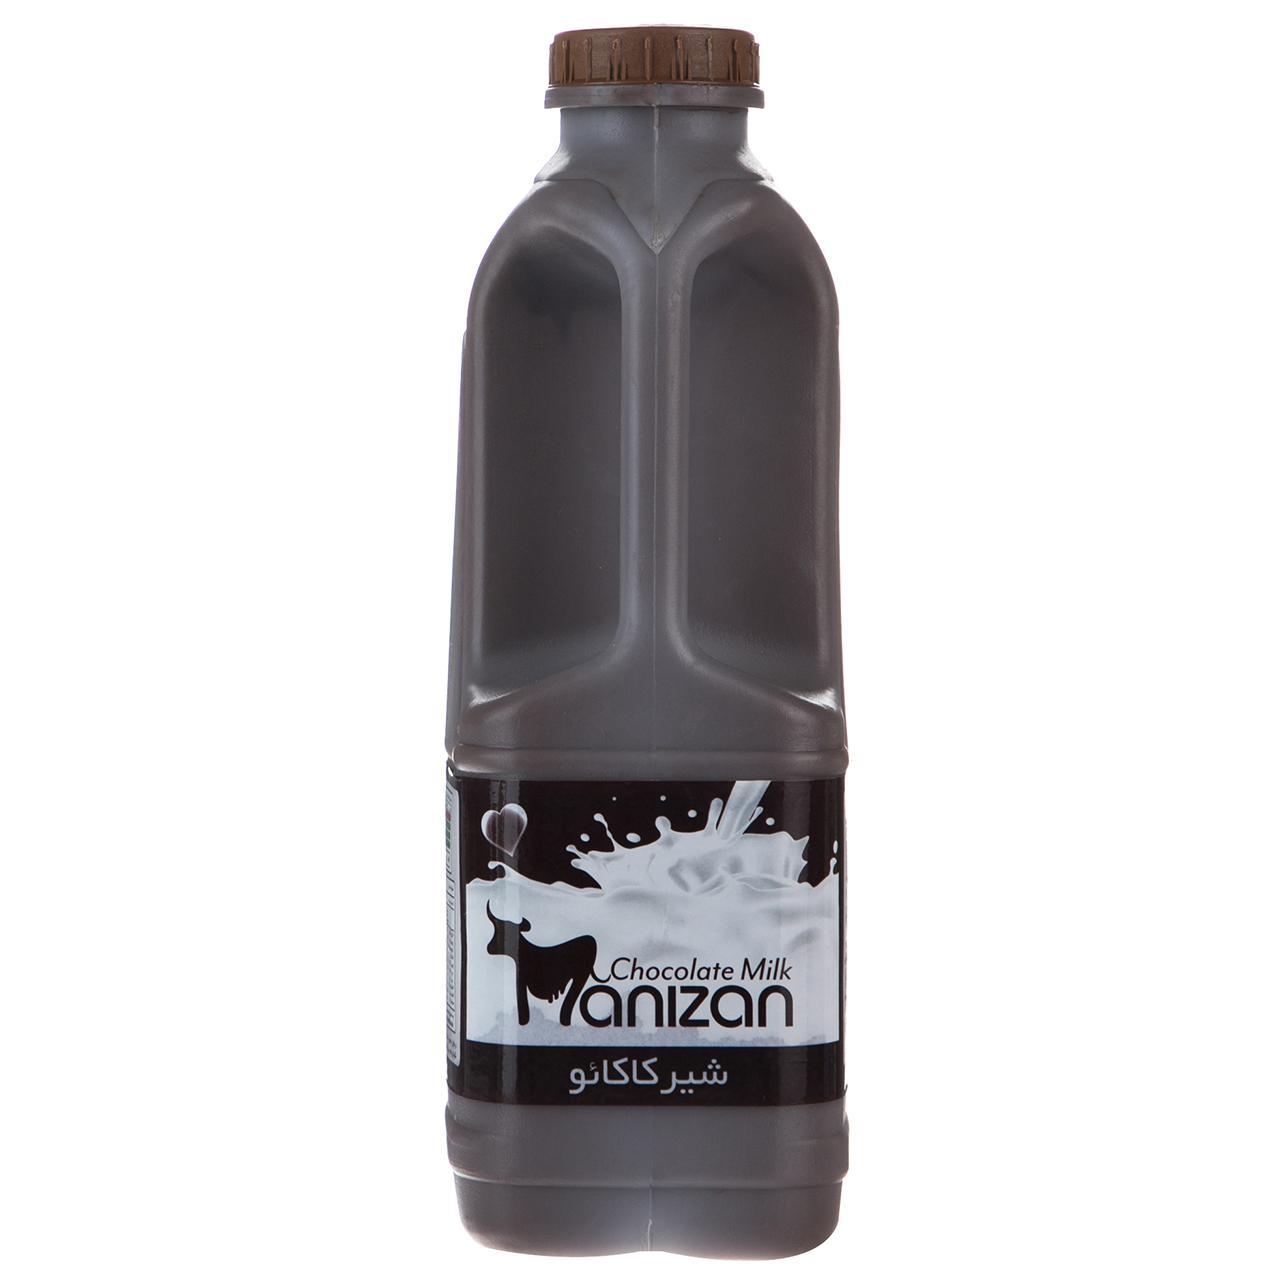 شیر کاکائو کم چرب مانیزان مقدار 0.95 لیتر